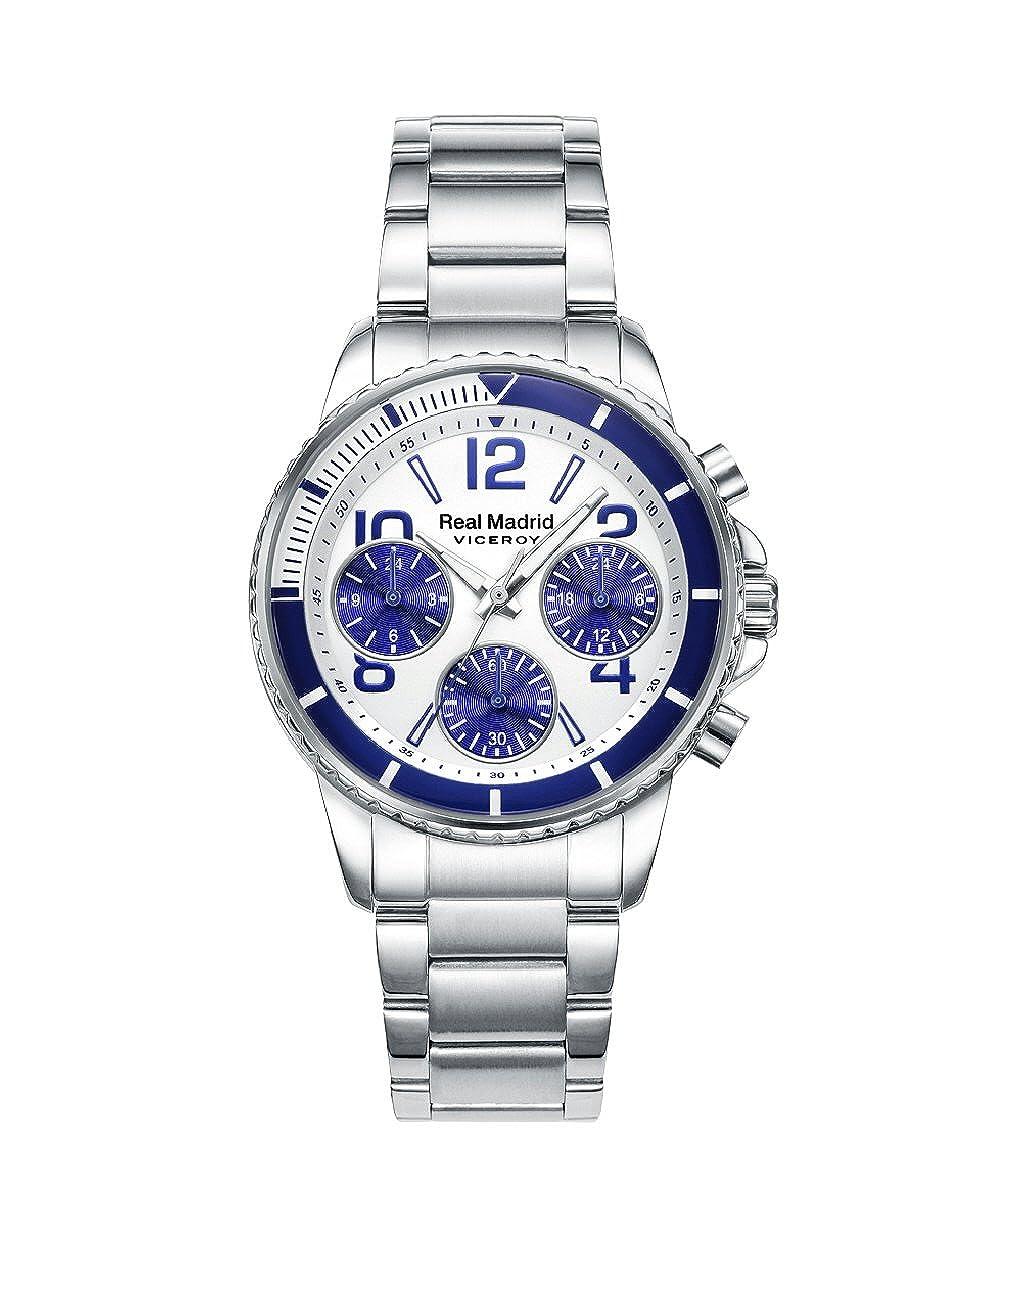 Viceroy 42300-07, Reloj Cronógrafo para Niños, Coleccíon Real Madrid: Amazon.es: Relojes